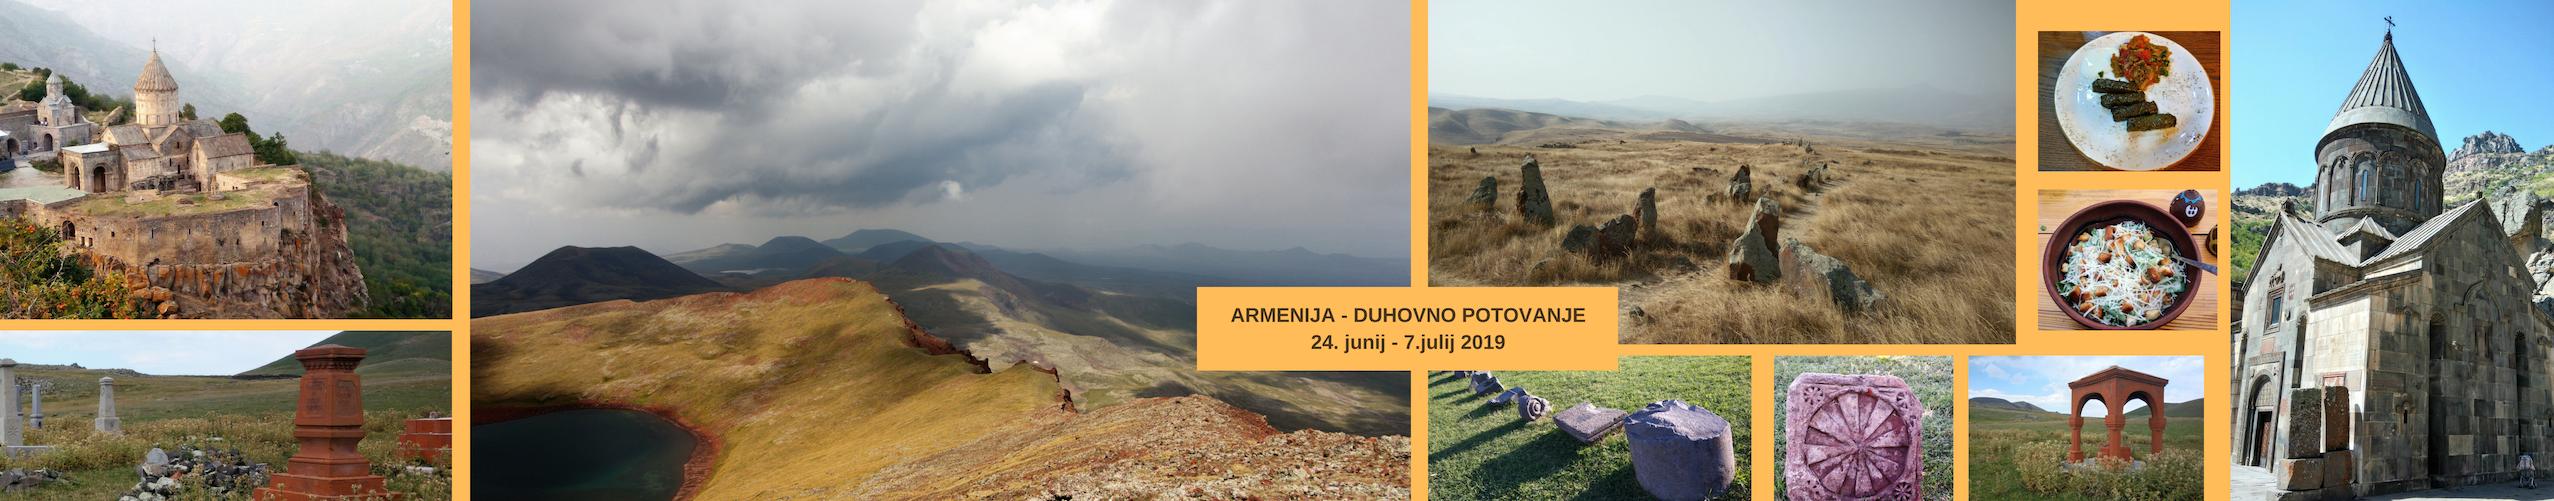 Duhovno potovanje – Armenija – cover-banner-splet -2